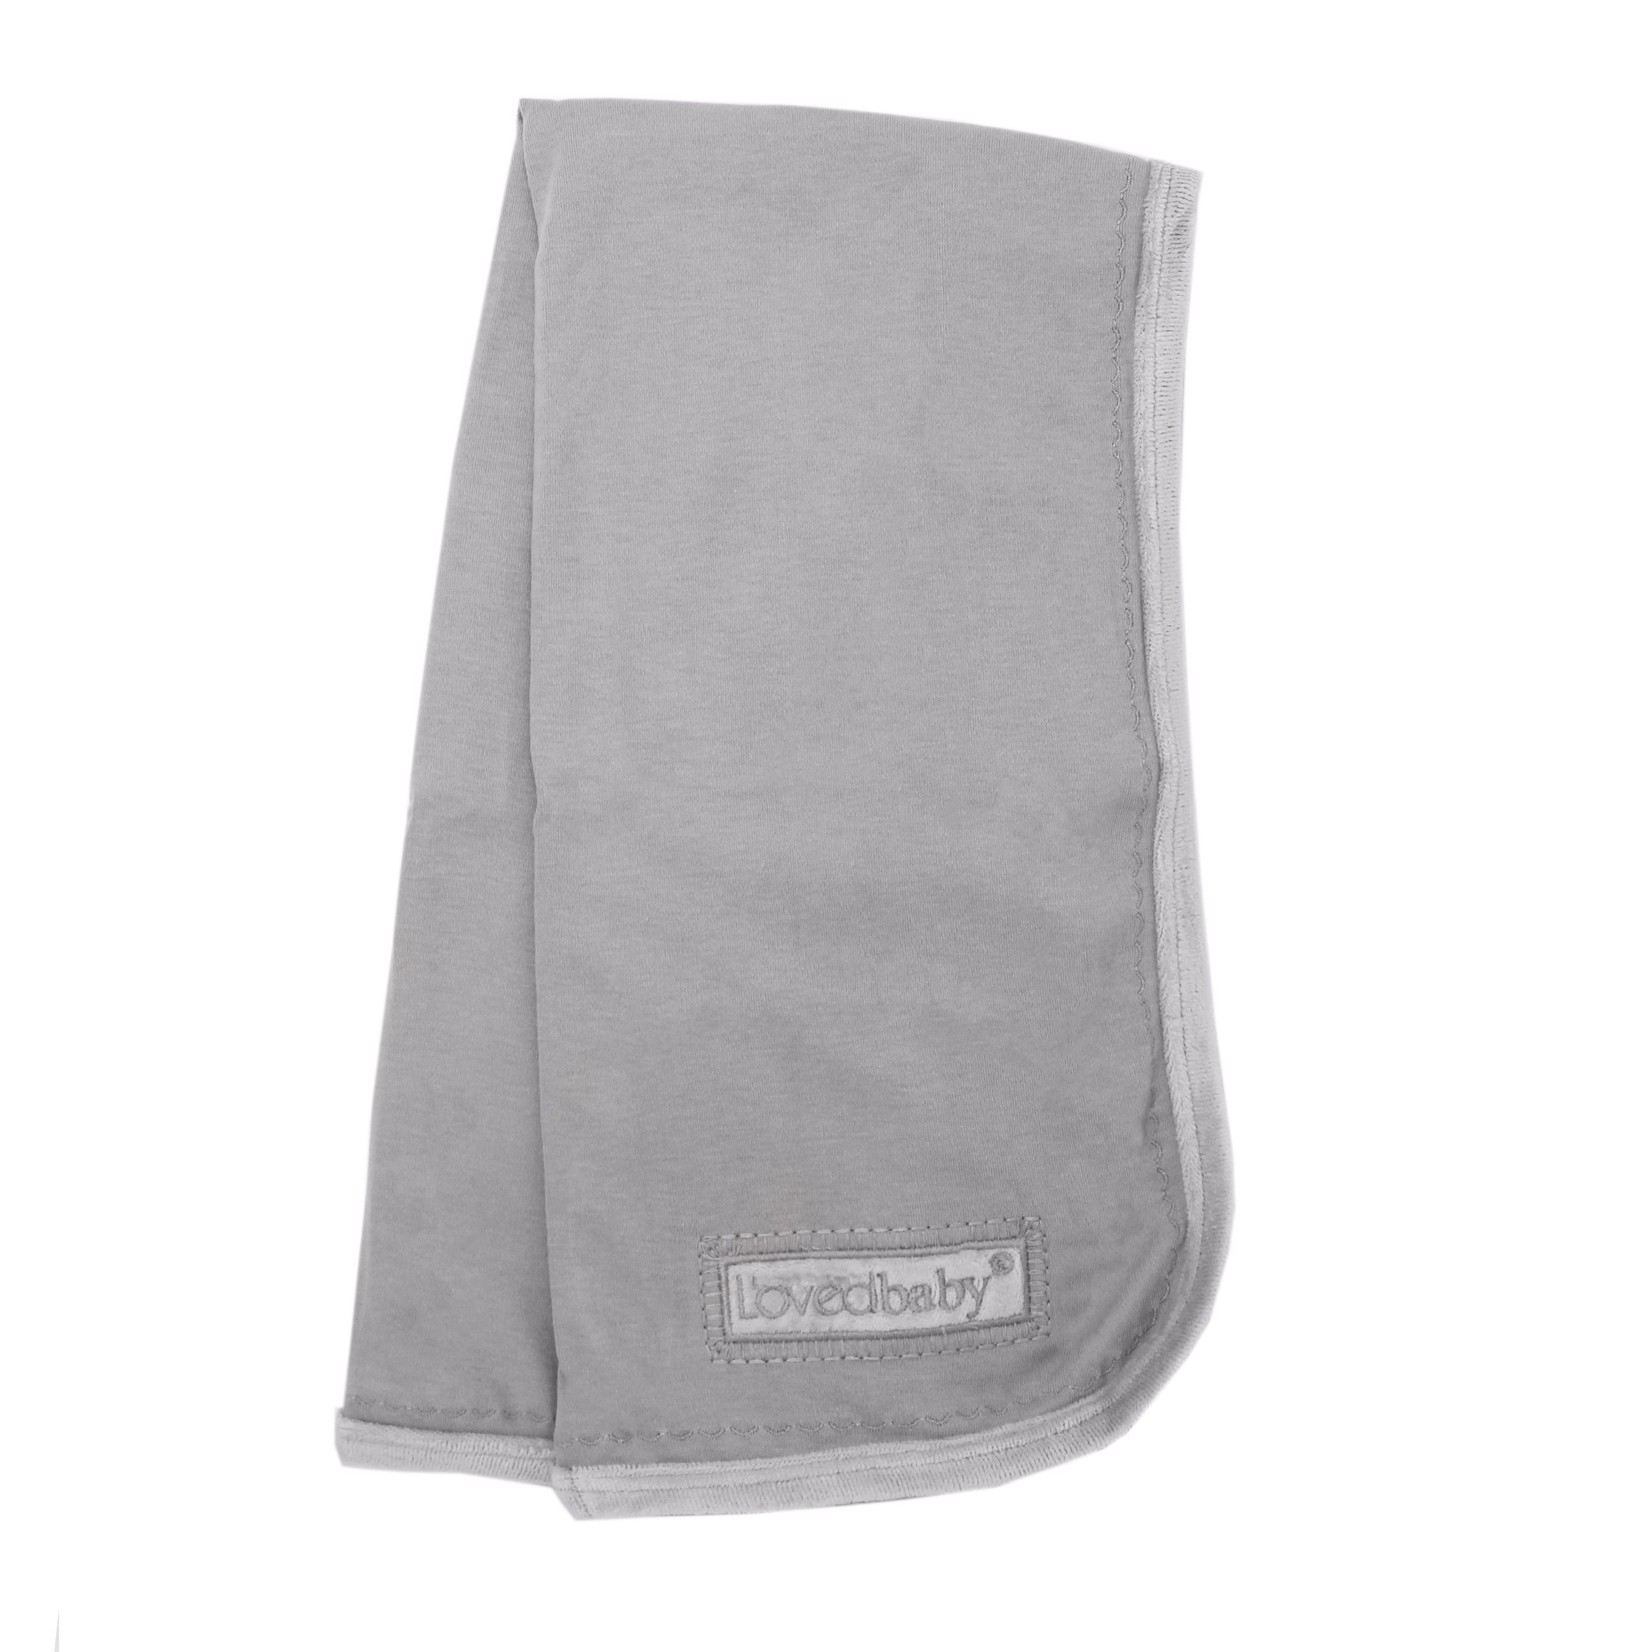 L'oved Baby Velveteen Blanket